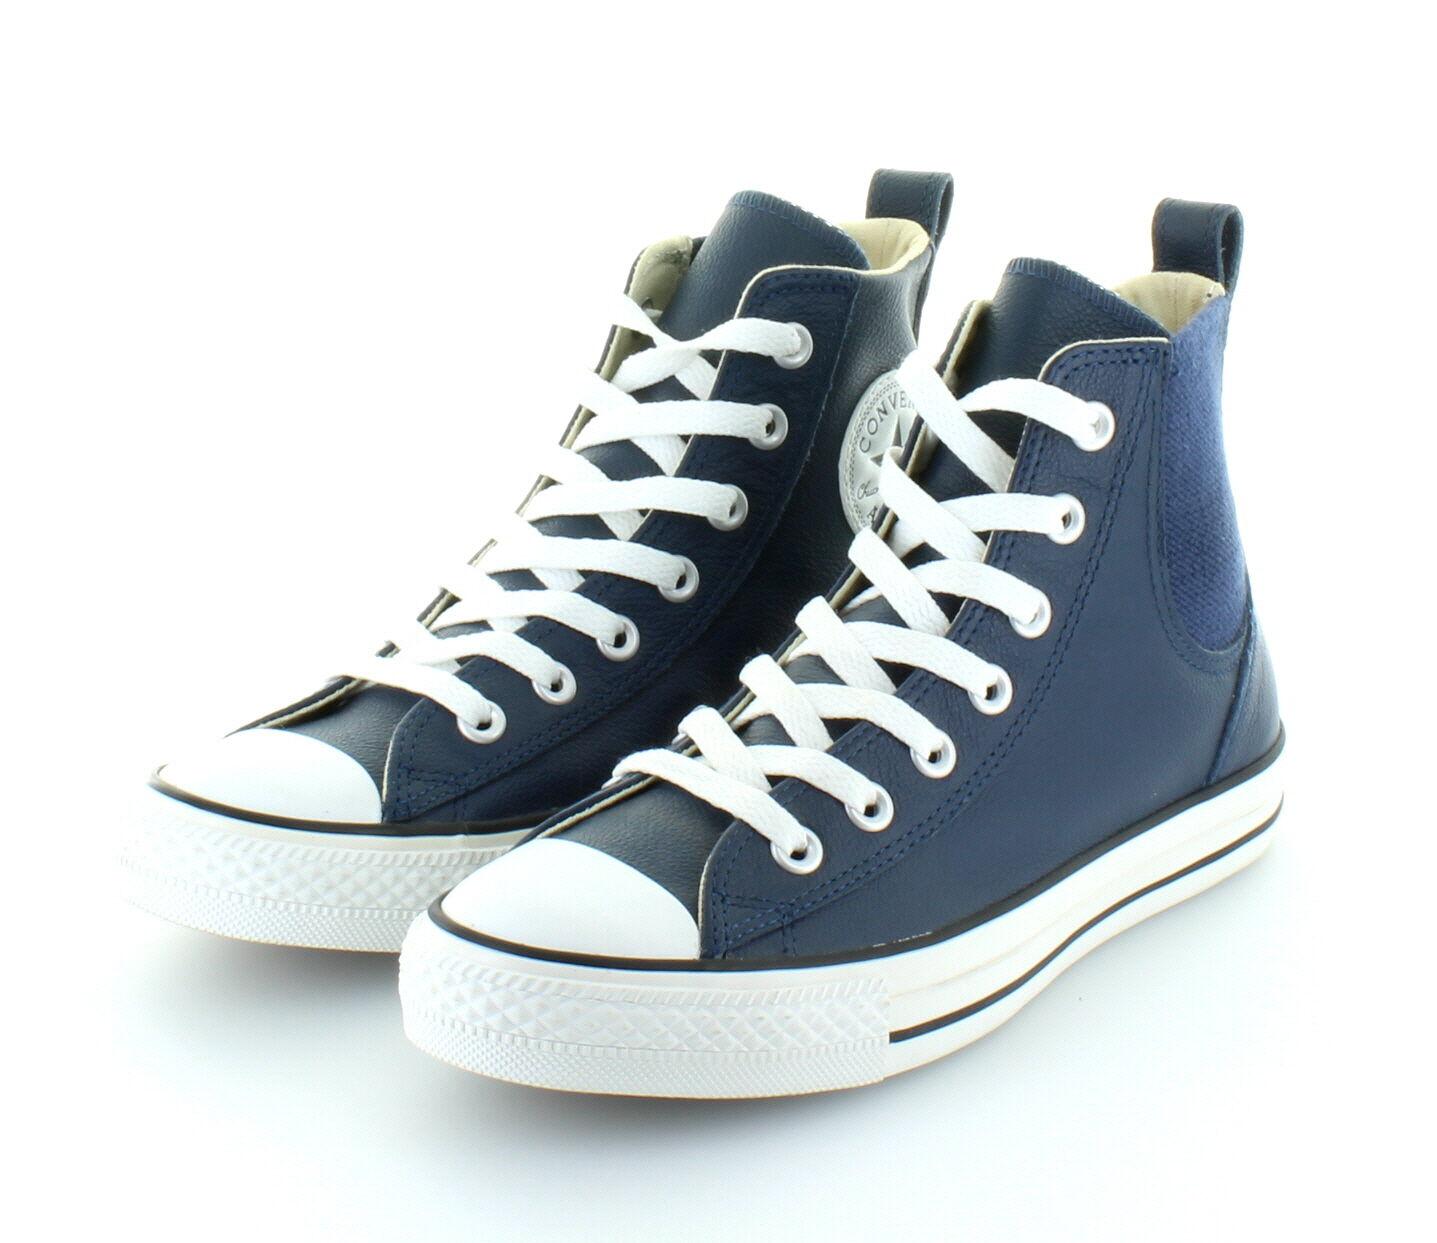 Zapatos promocionales para hombres y mujeres Converse All Star Chuck Taylor Hi Chelsee Navy Leder Gr. 37,5 / 38,5